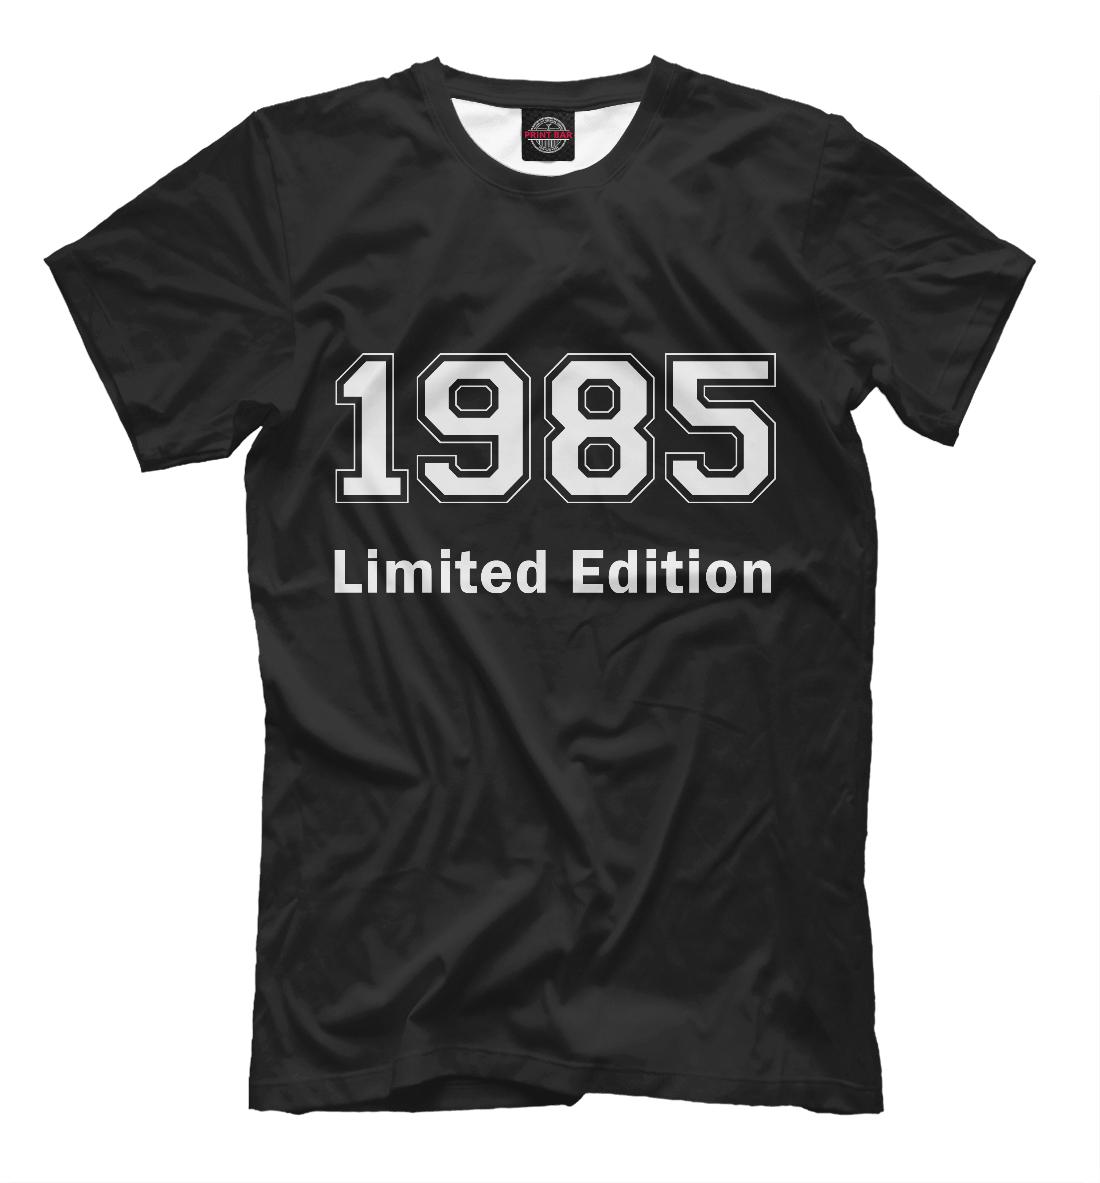 Купить 1985 Limited Edition, Printbar, Футболки, DVP-458398-fut-2